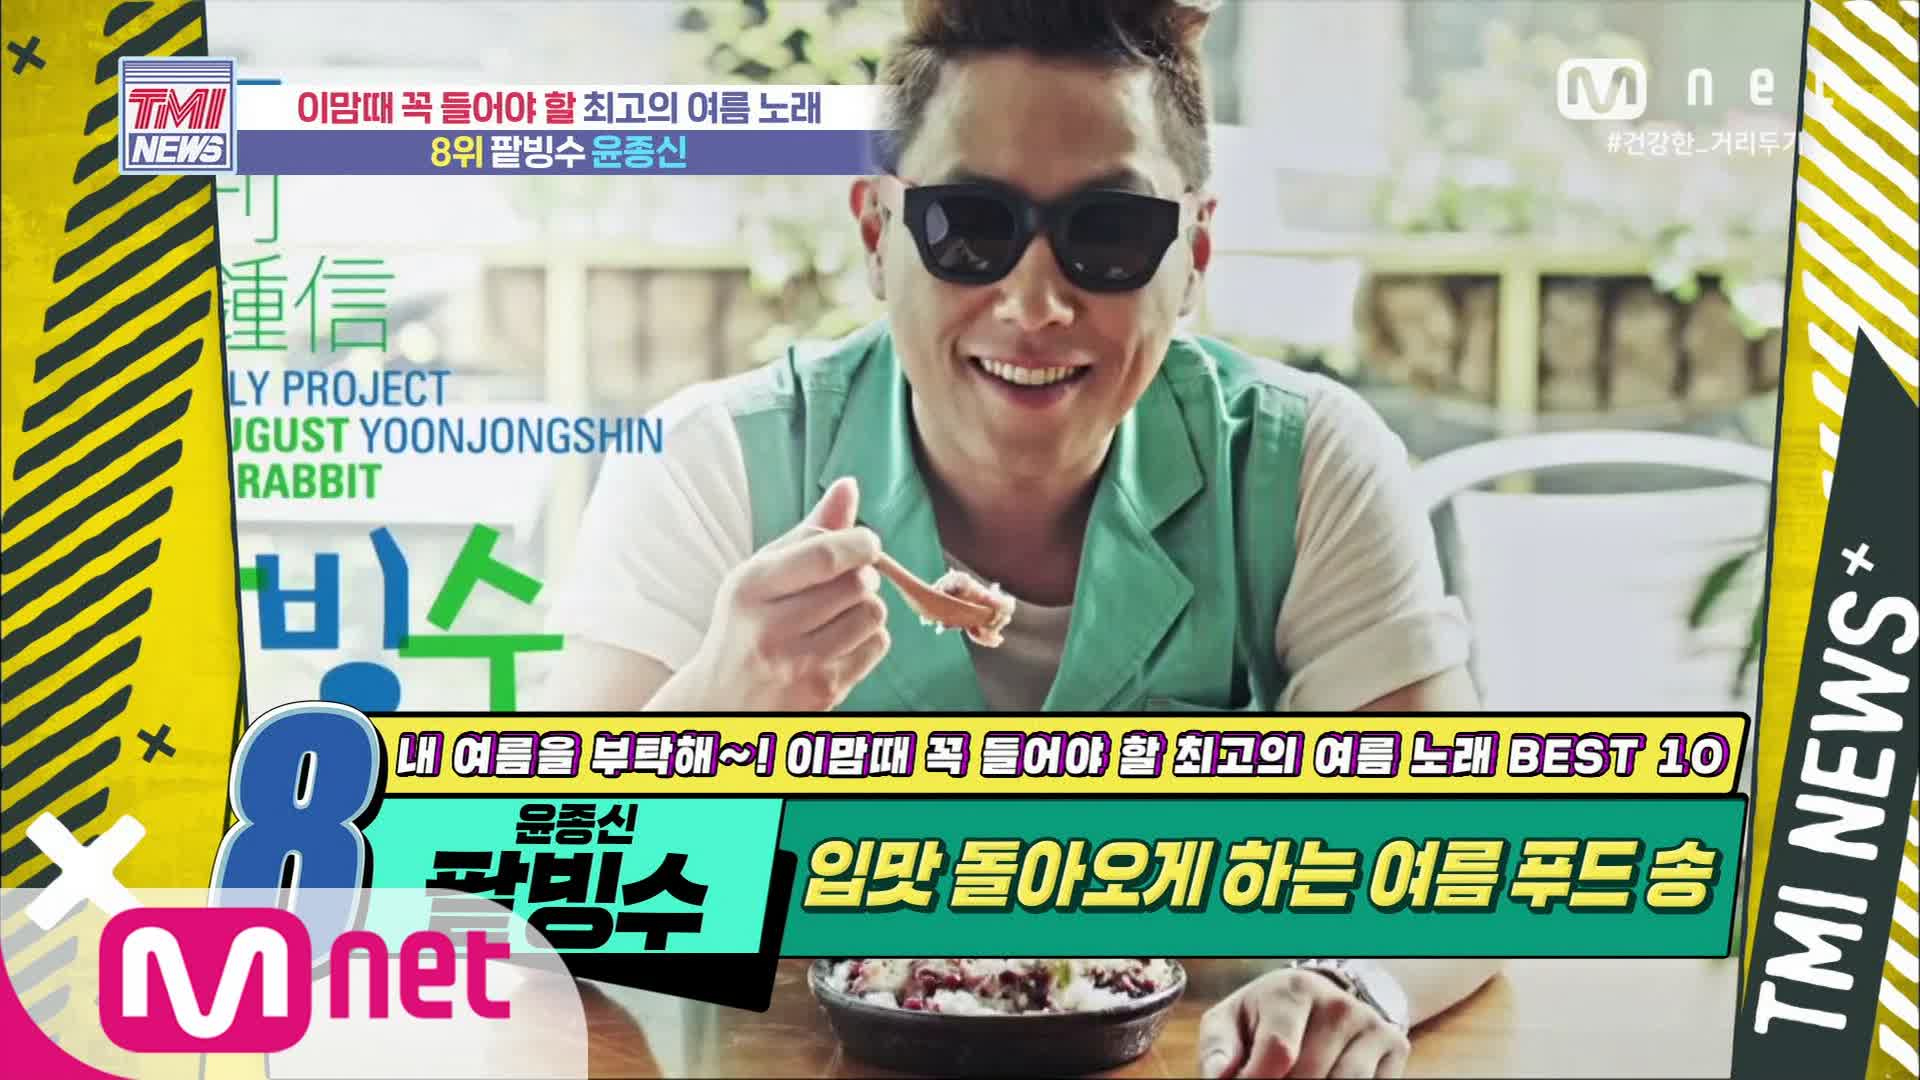 [53회] 입맛 돌아오게 하는 여름 푸드 송! 윤종신 '팥빙수'